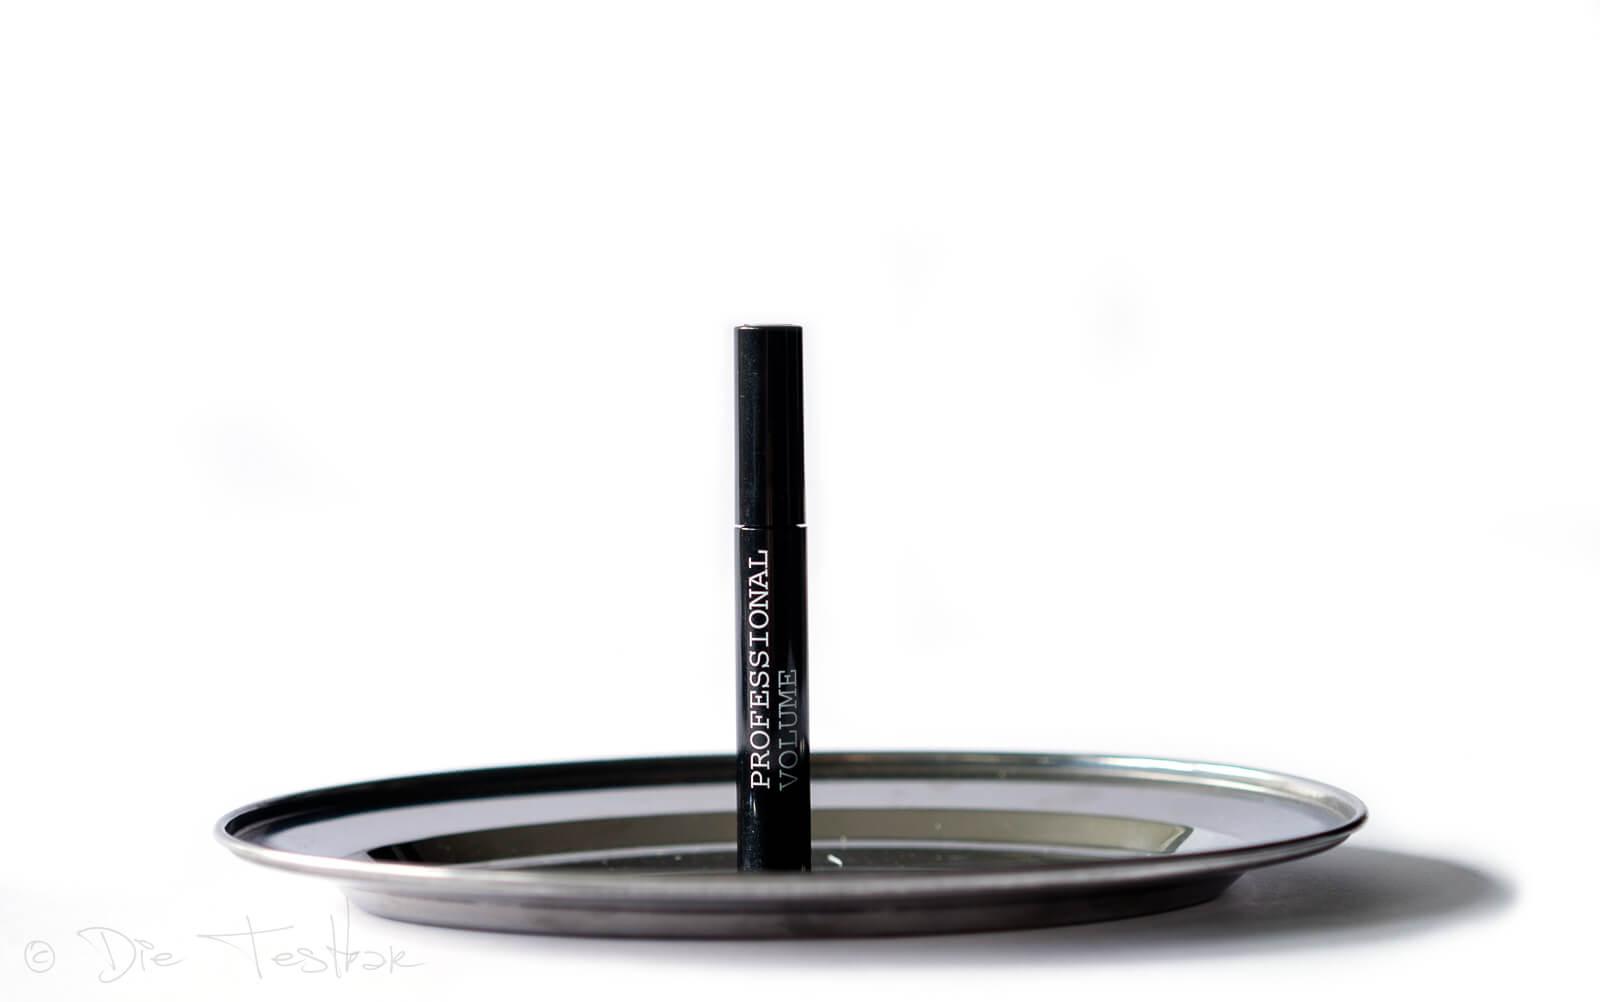 Professional Volume Mascara - Black Volcanic Minerals BRAUN von Korres